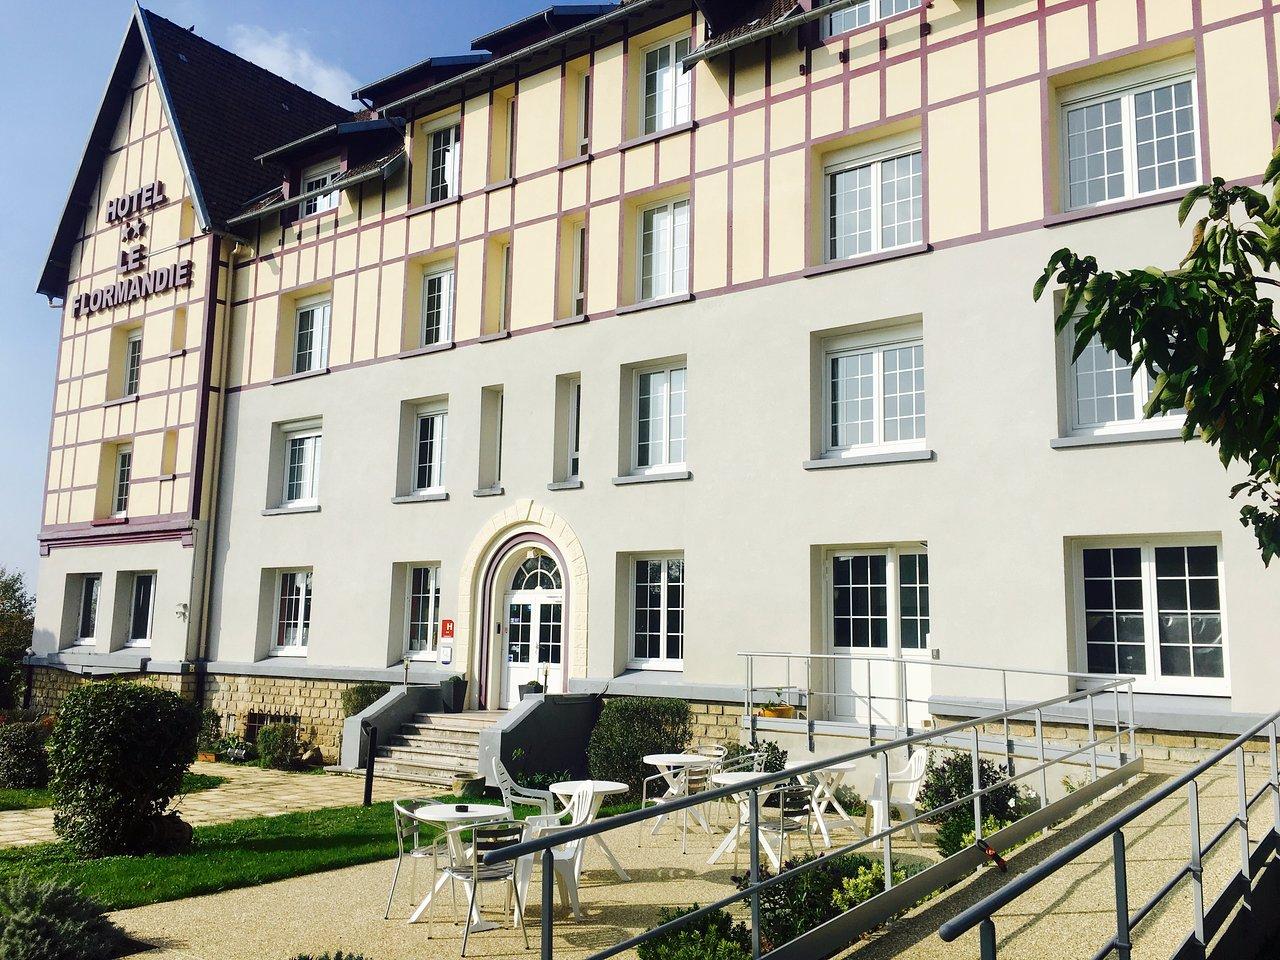 Hotel Port Jerome - Le Havre (Ex- Flormandie) $54 ($̶7̶1̶ ... concernant Piscine De Lillebonne